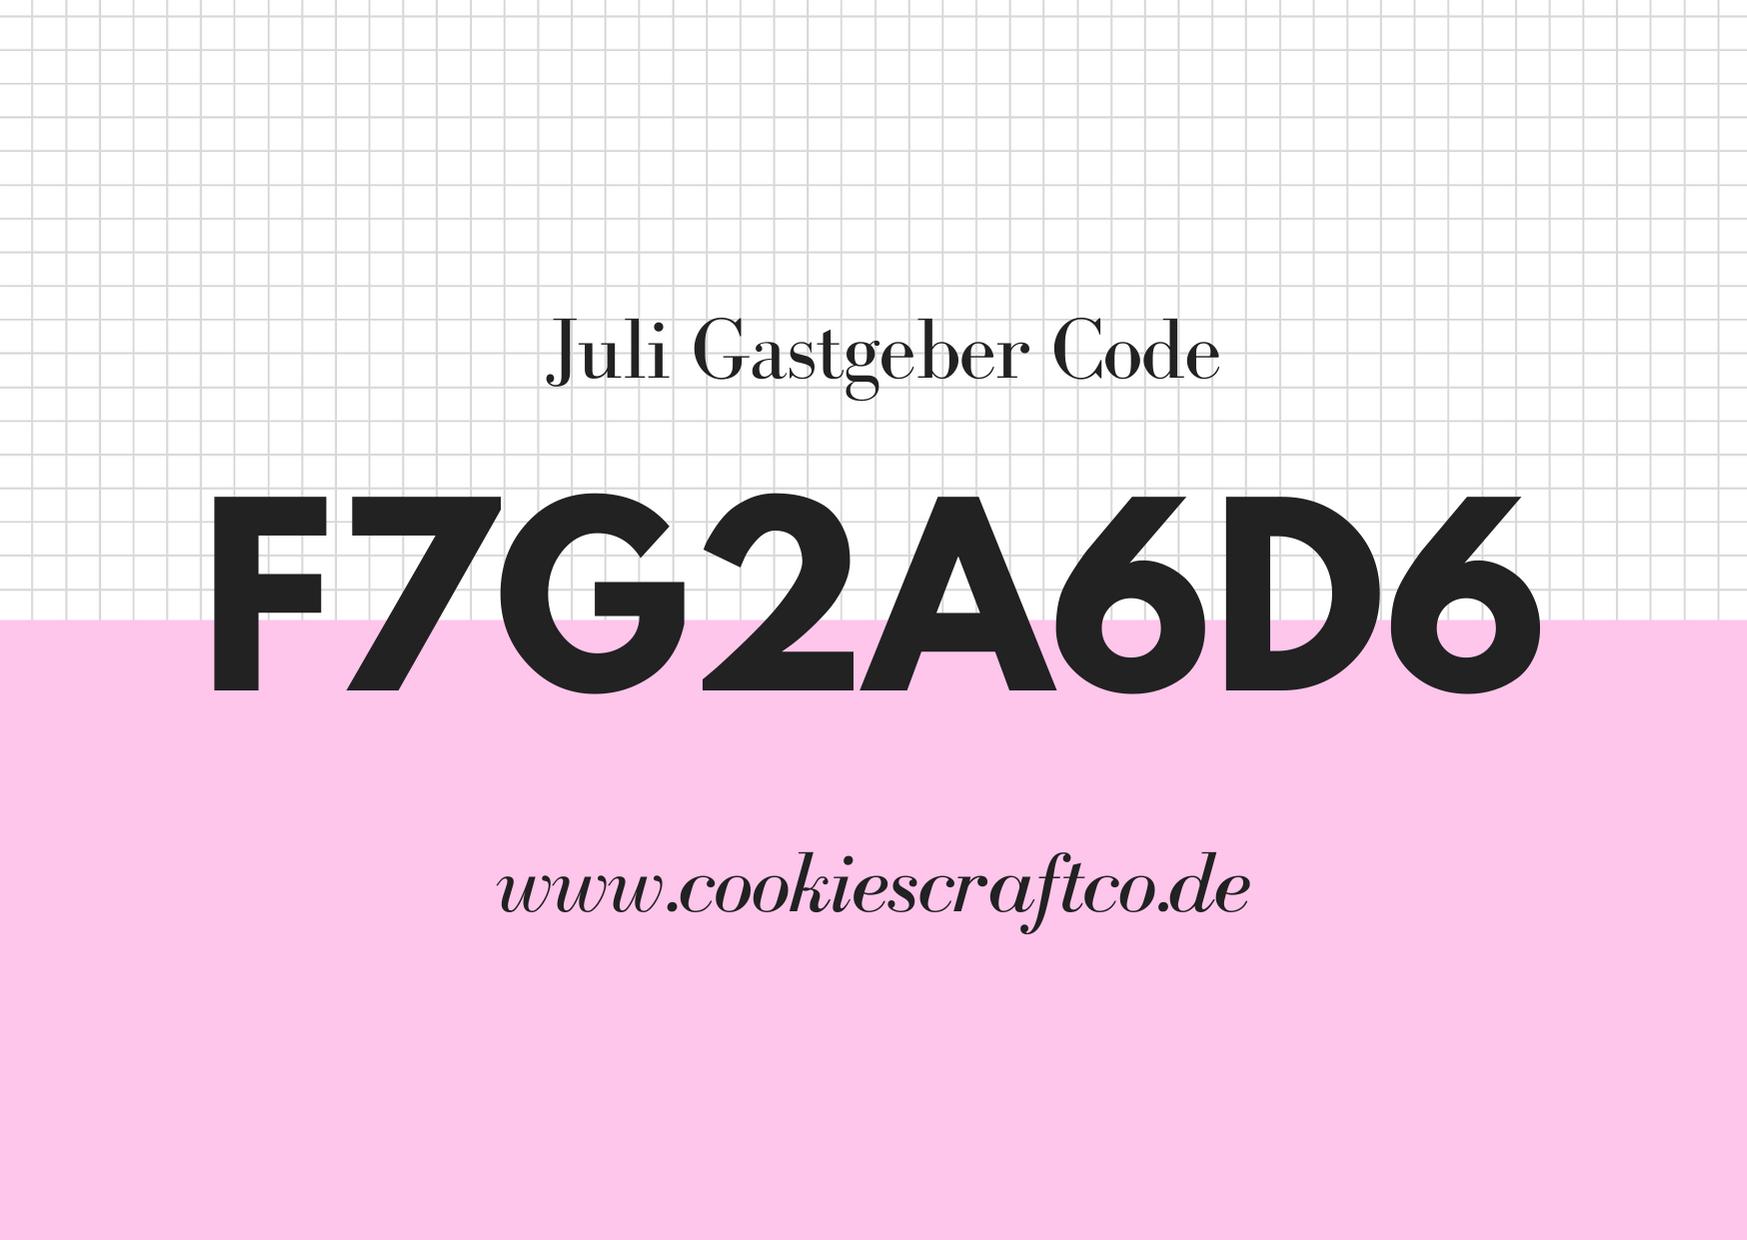 Juni - Gastgeberinnencode F7G2A6D6